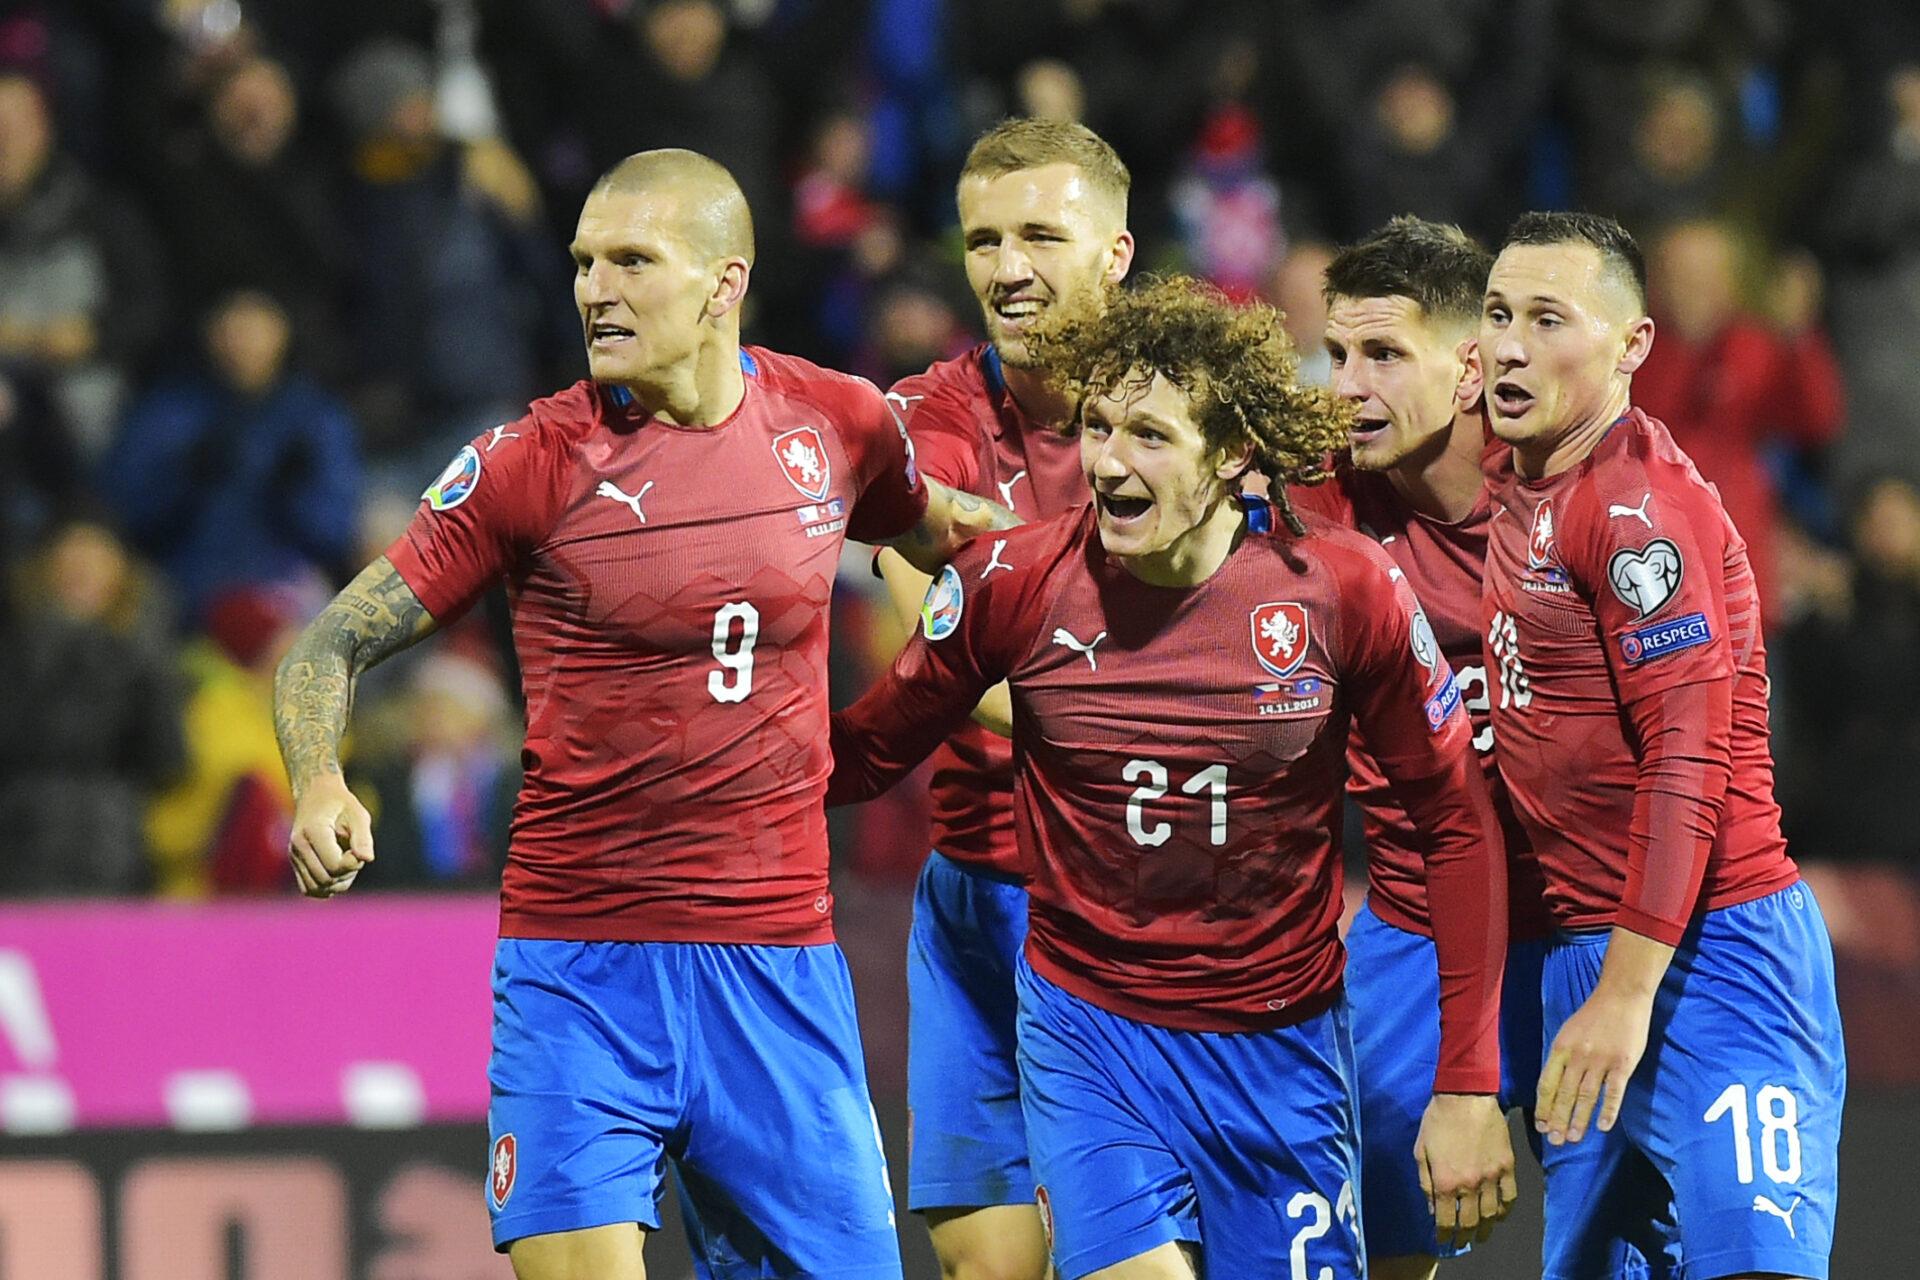 Сборная Чехии на Евро-2020: состав, тренер, звезды, календарь, прогноз |  ПЛЕЙМЕЙКЕР